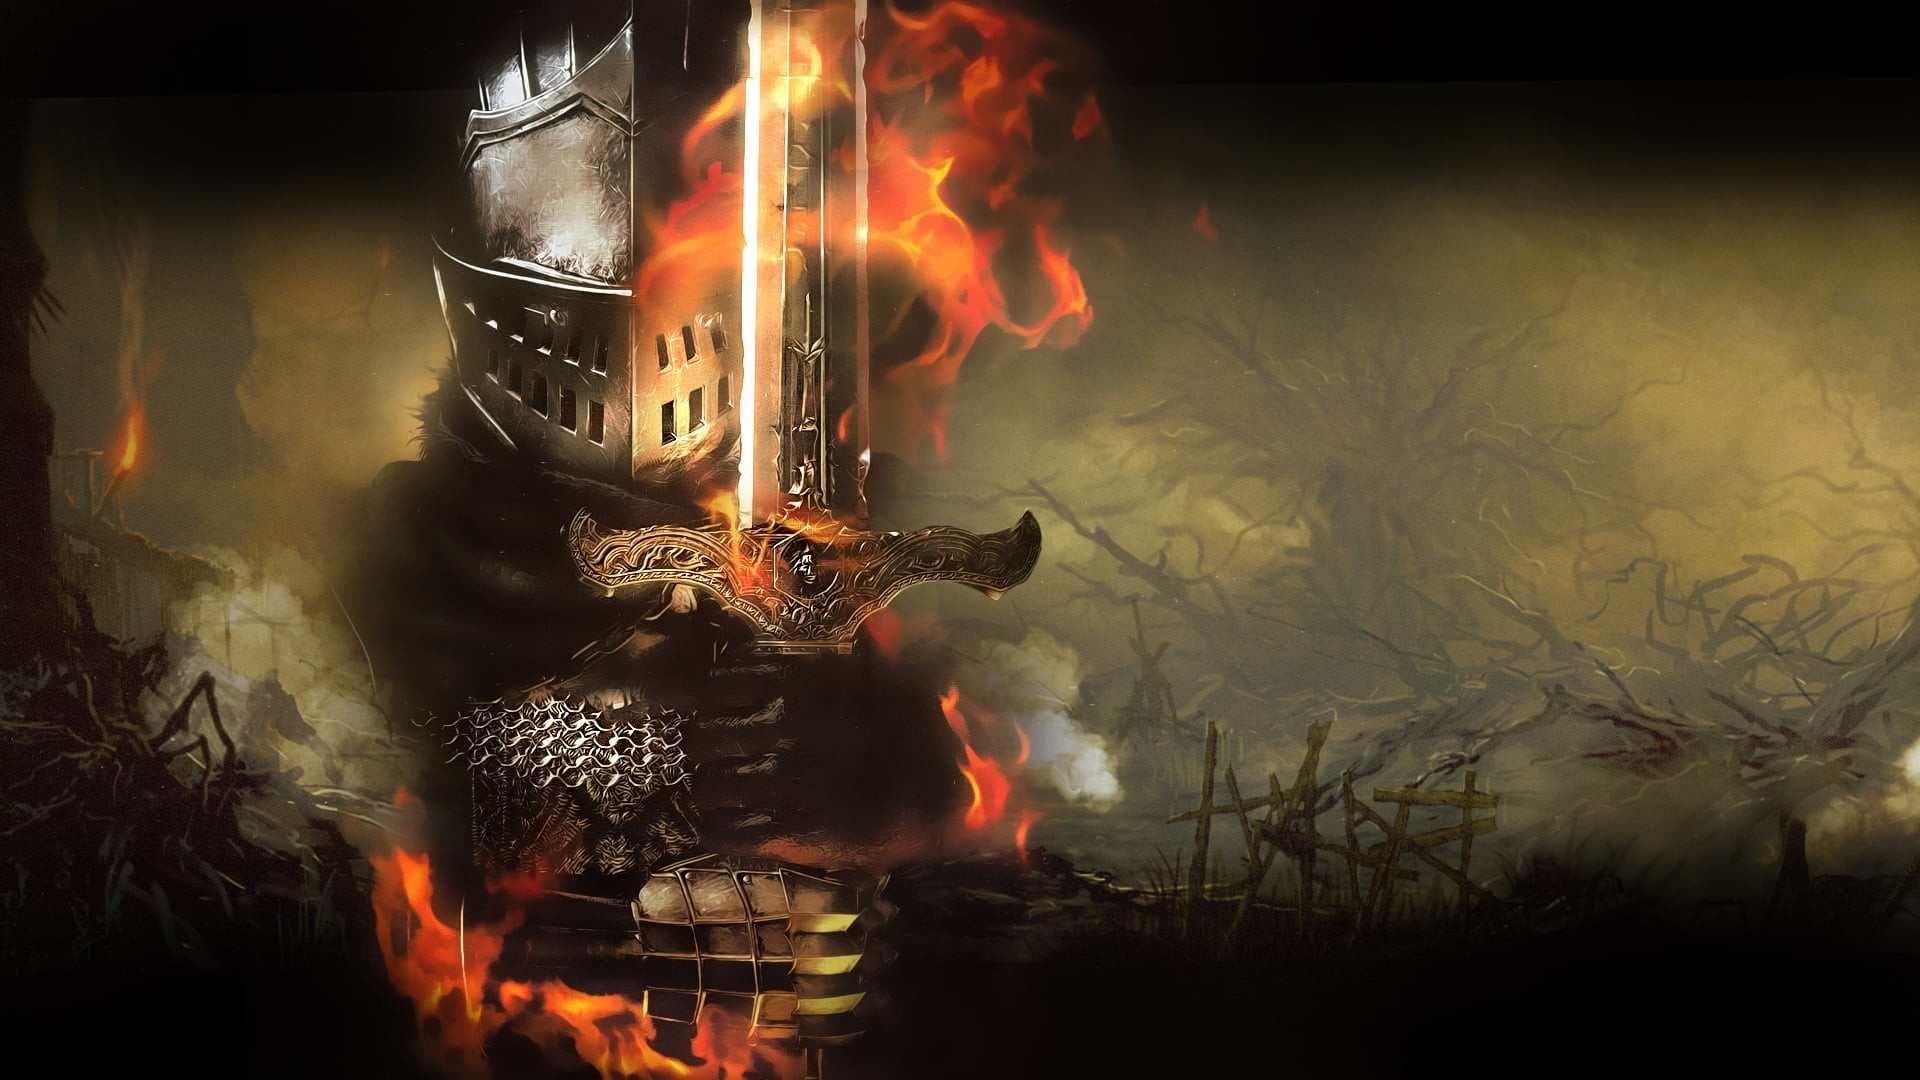 Dark Souls 3 Phone Wallpaper – Imgur